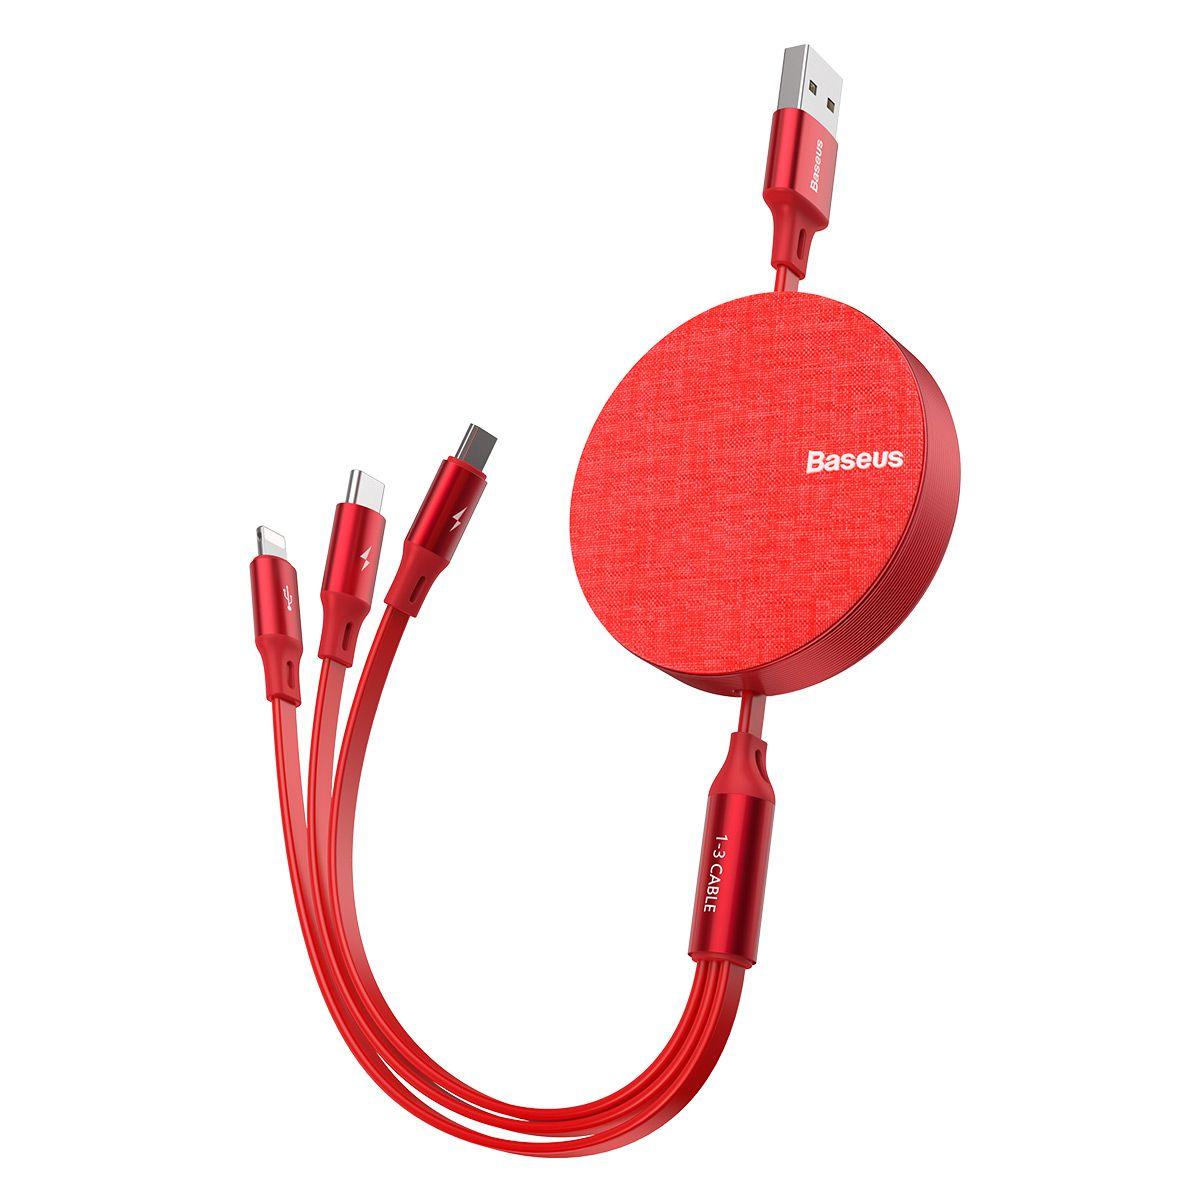 Cabo 3n1 Retrátil Baseus - USB para Micro USB / Lightning / Type-C com 3.5A 1.2m